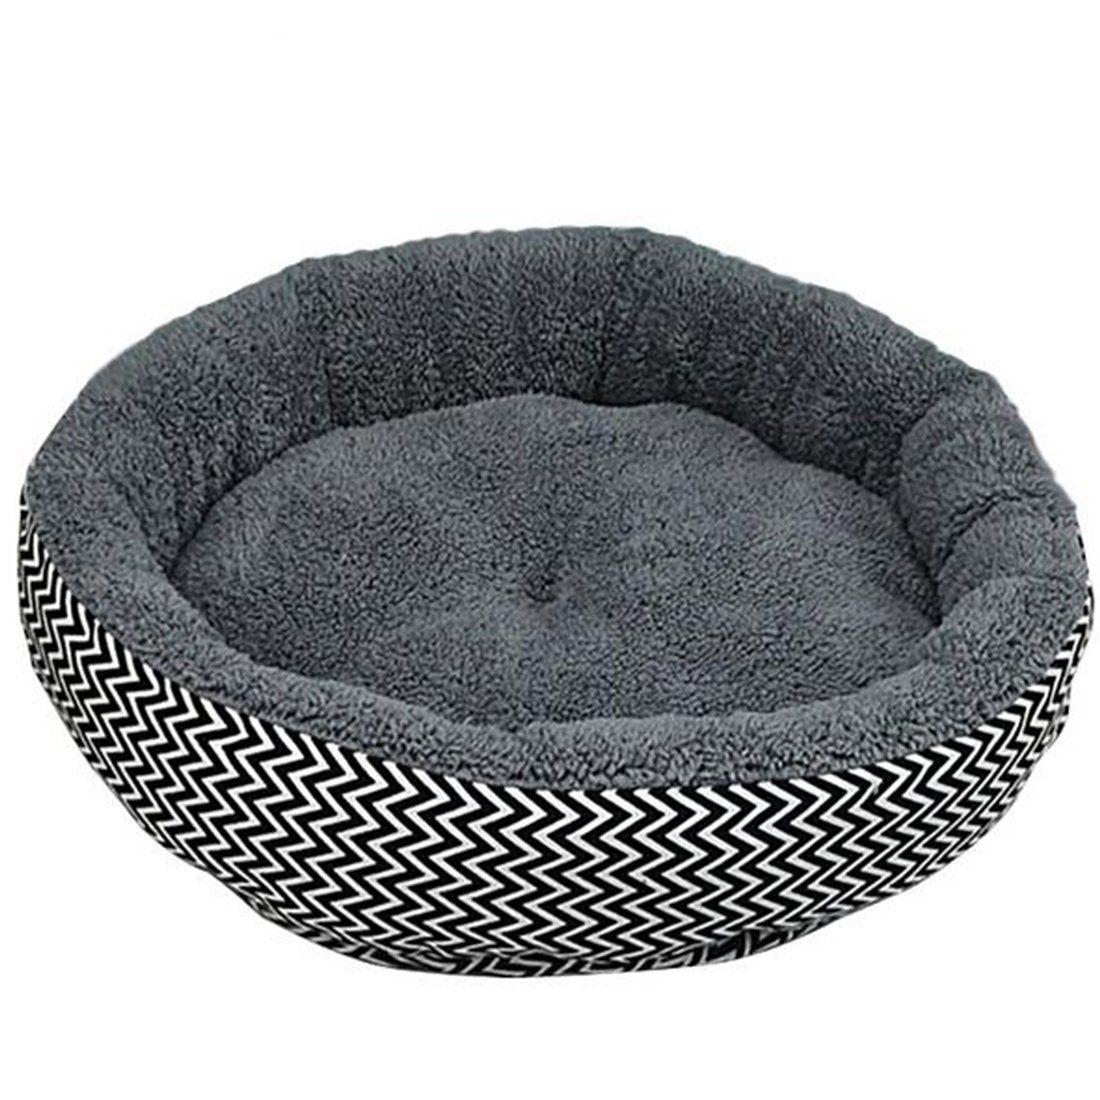 Coussin chaud canapé lit pour animal chiot chien chat en hiver